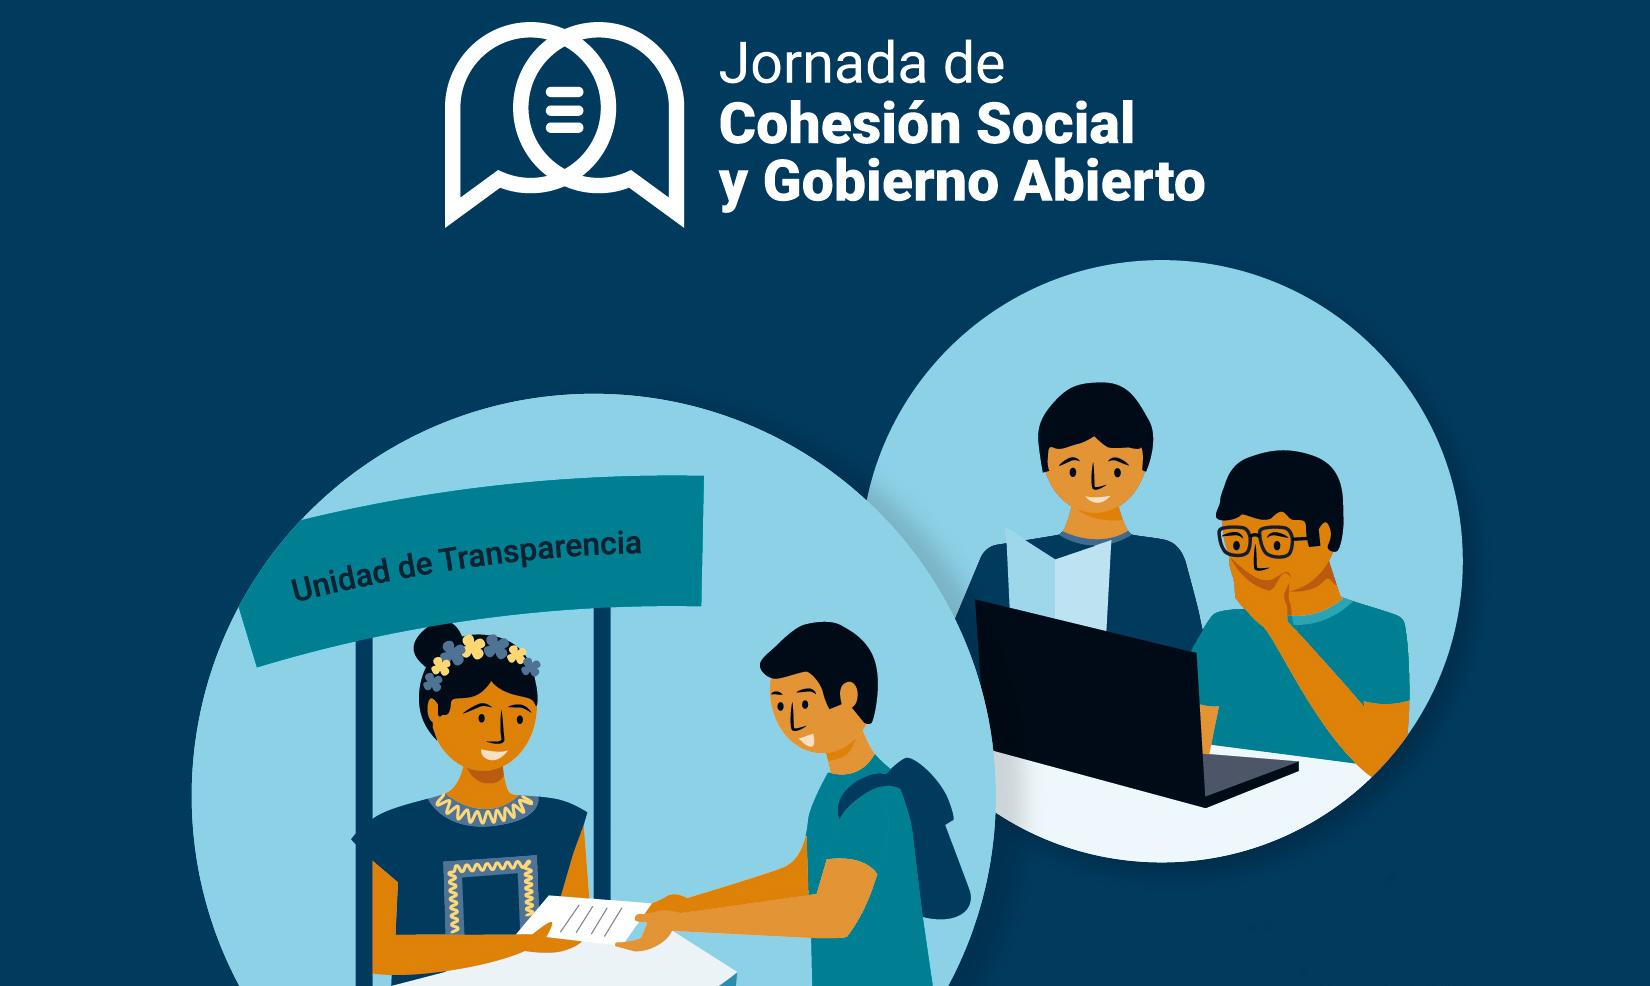 REALIZARÁ IAIPO JORNADA DE COHESIÓN SOCIAL Y GOBIERNO ABIERTO